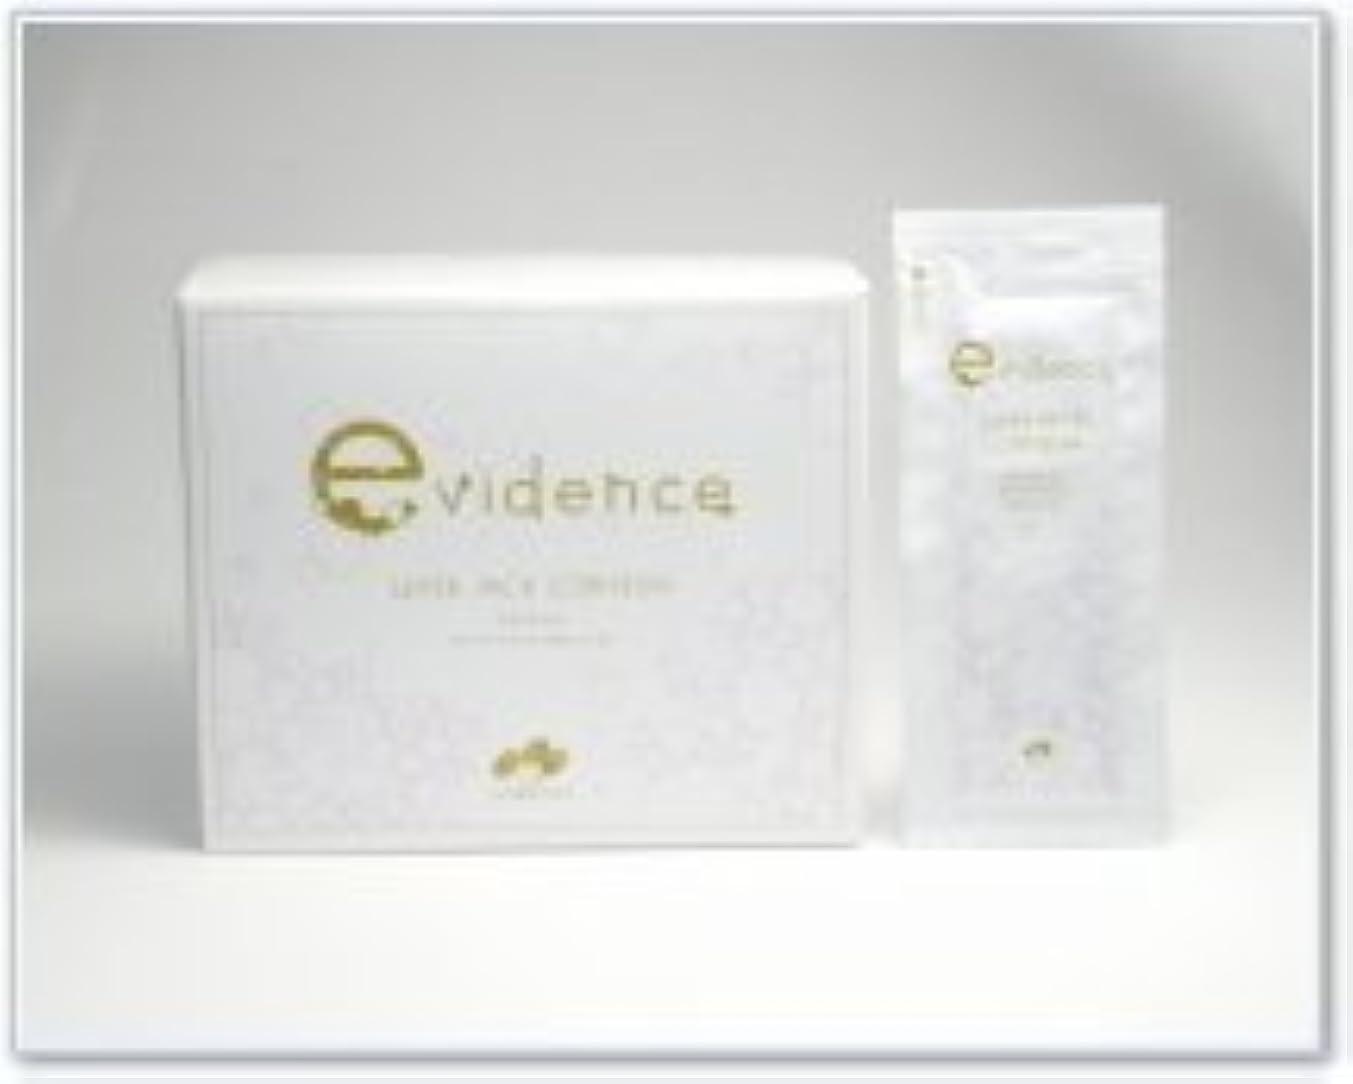 開発コンドーム好きであるCAC エヴィデンス スーパーパックコルニューム 5ml x 30包